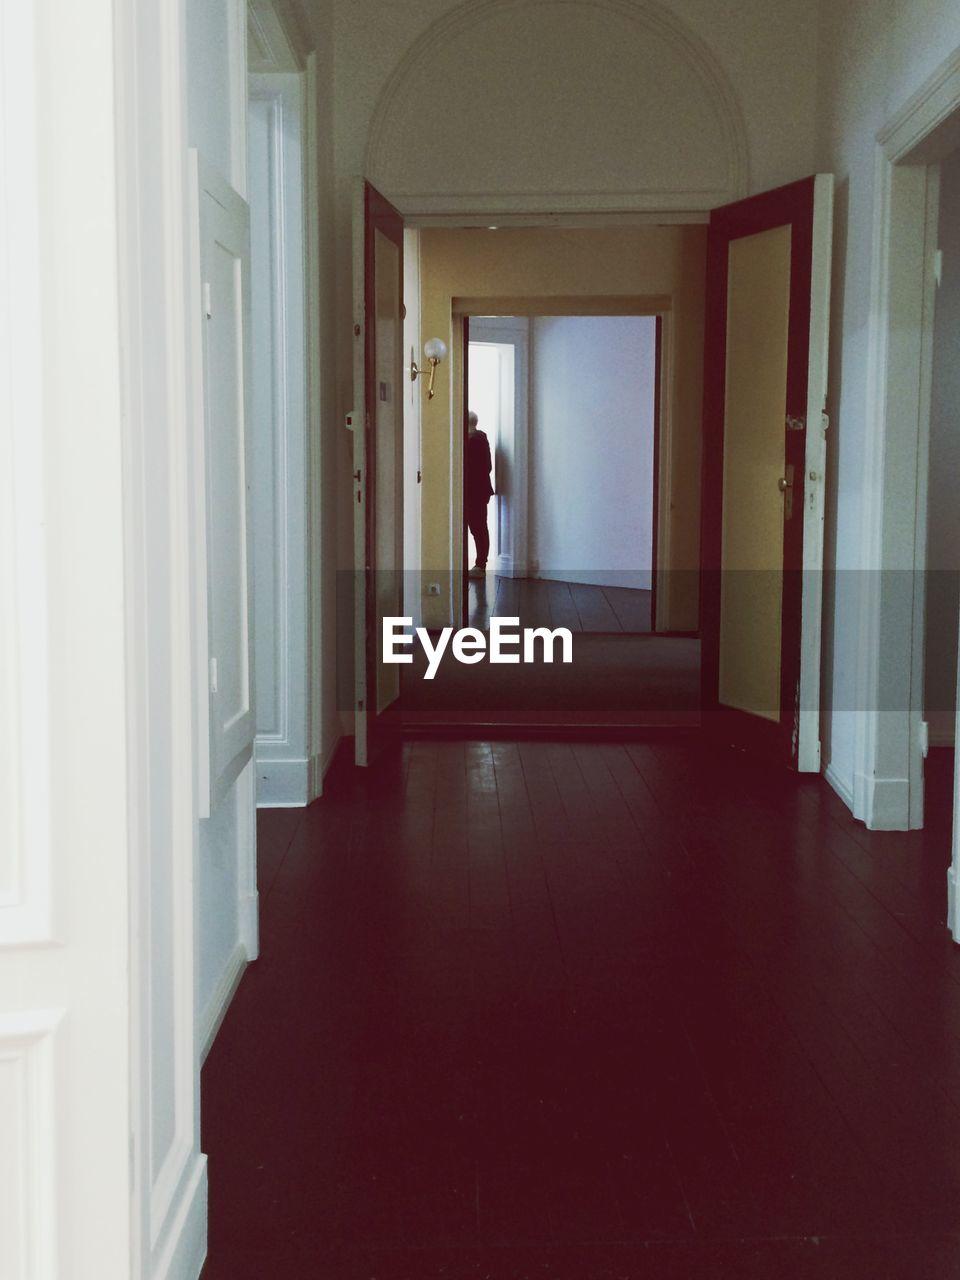 Corridor leading towards door